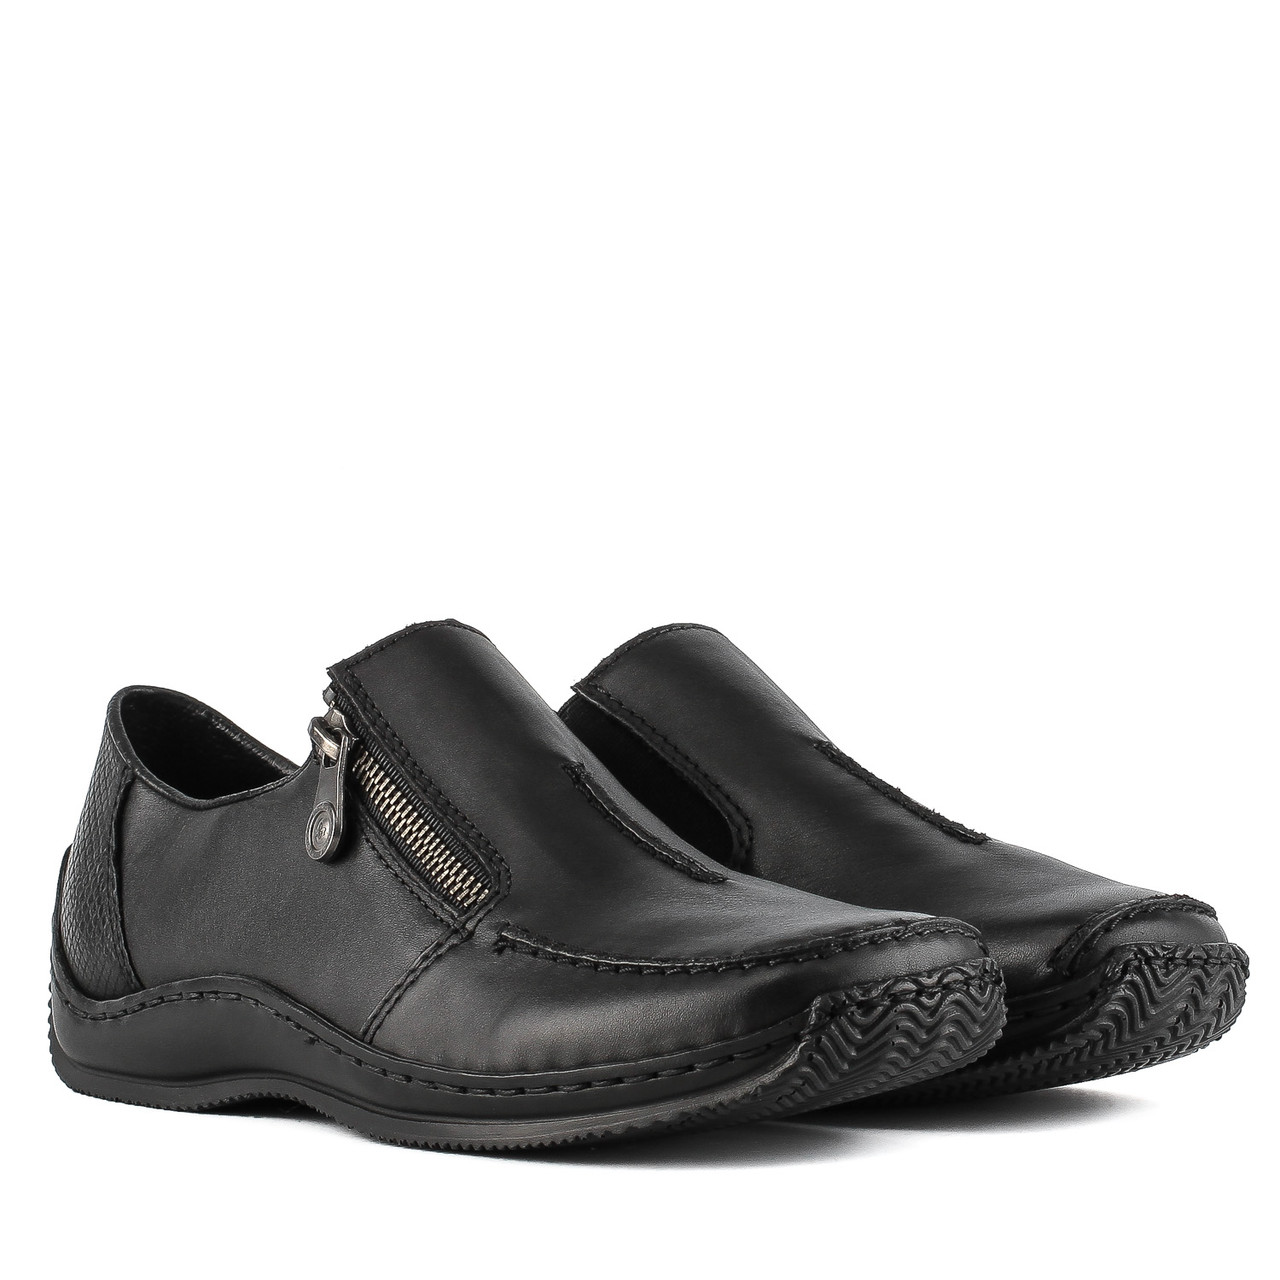 9bcecc976 Купить Туфли женские RIEKER (чёрные, на низком ходу, удобные ...